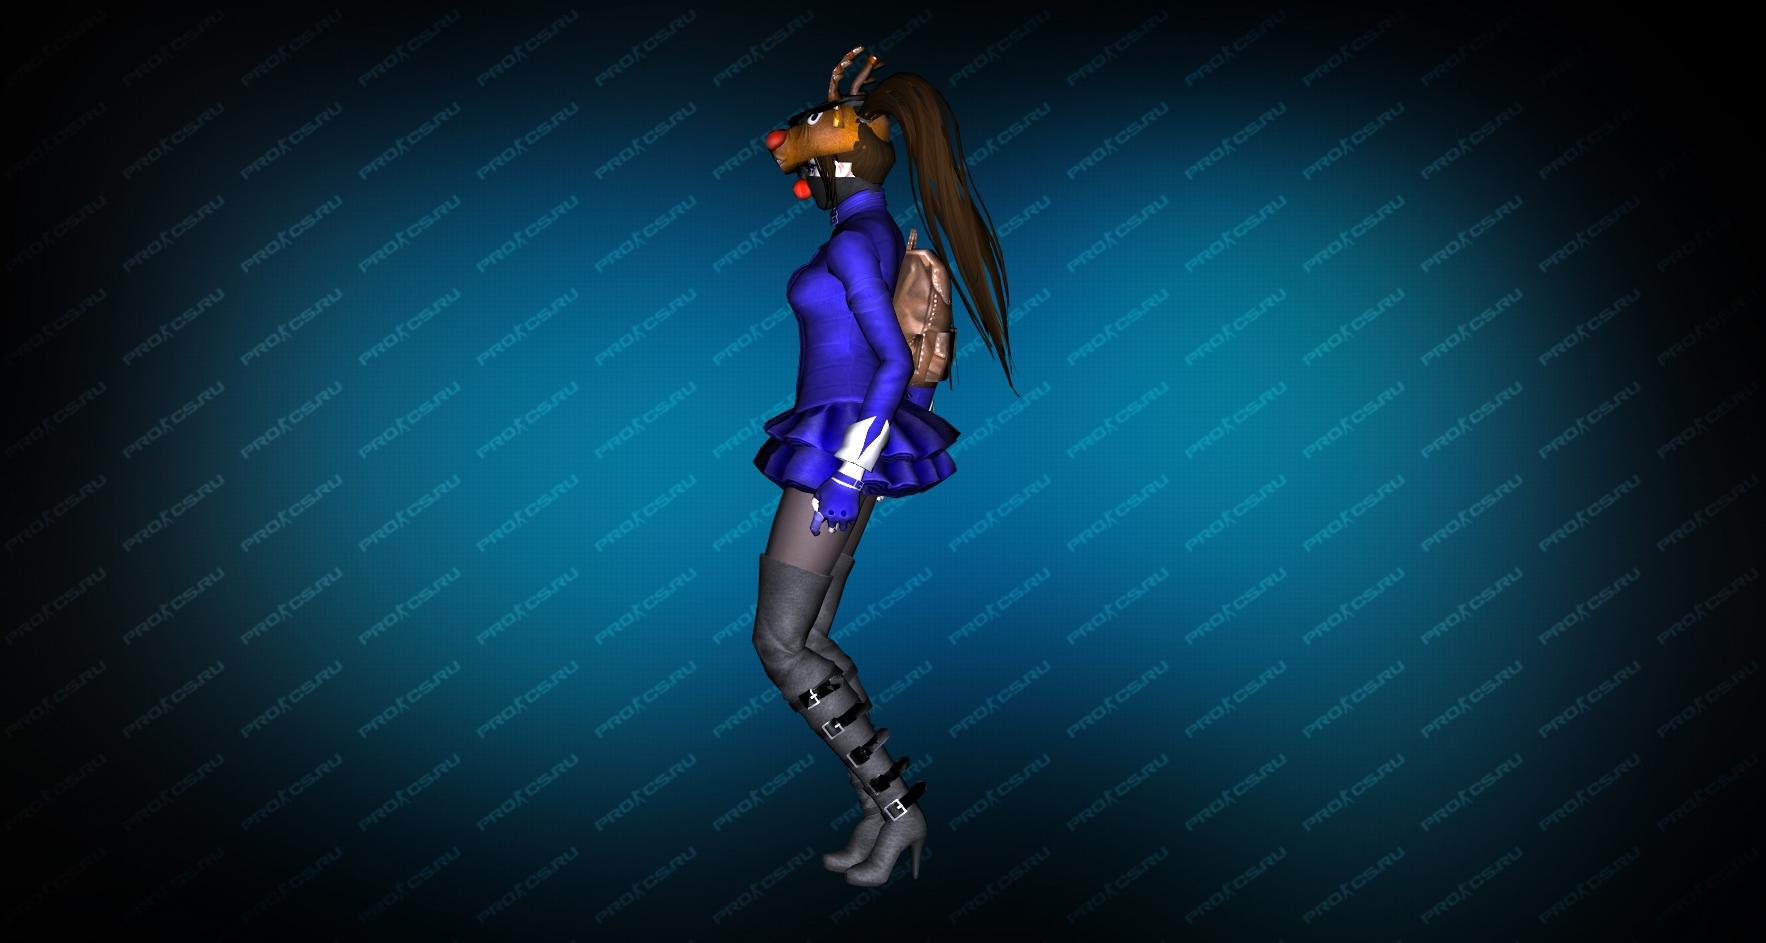 Модель игрока «Succubus Blue» вид сбоку